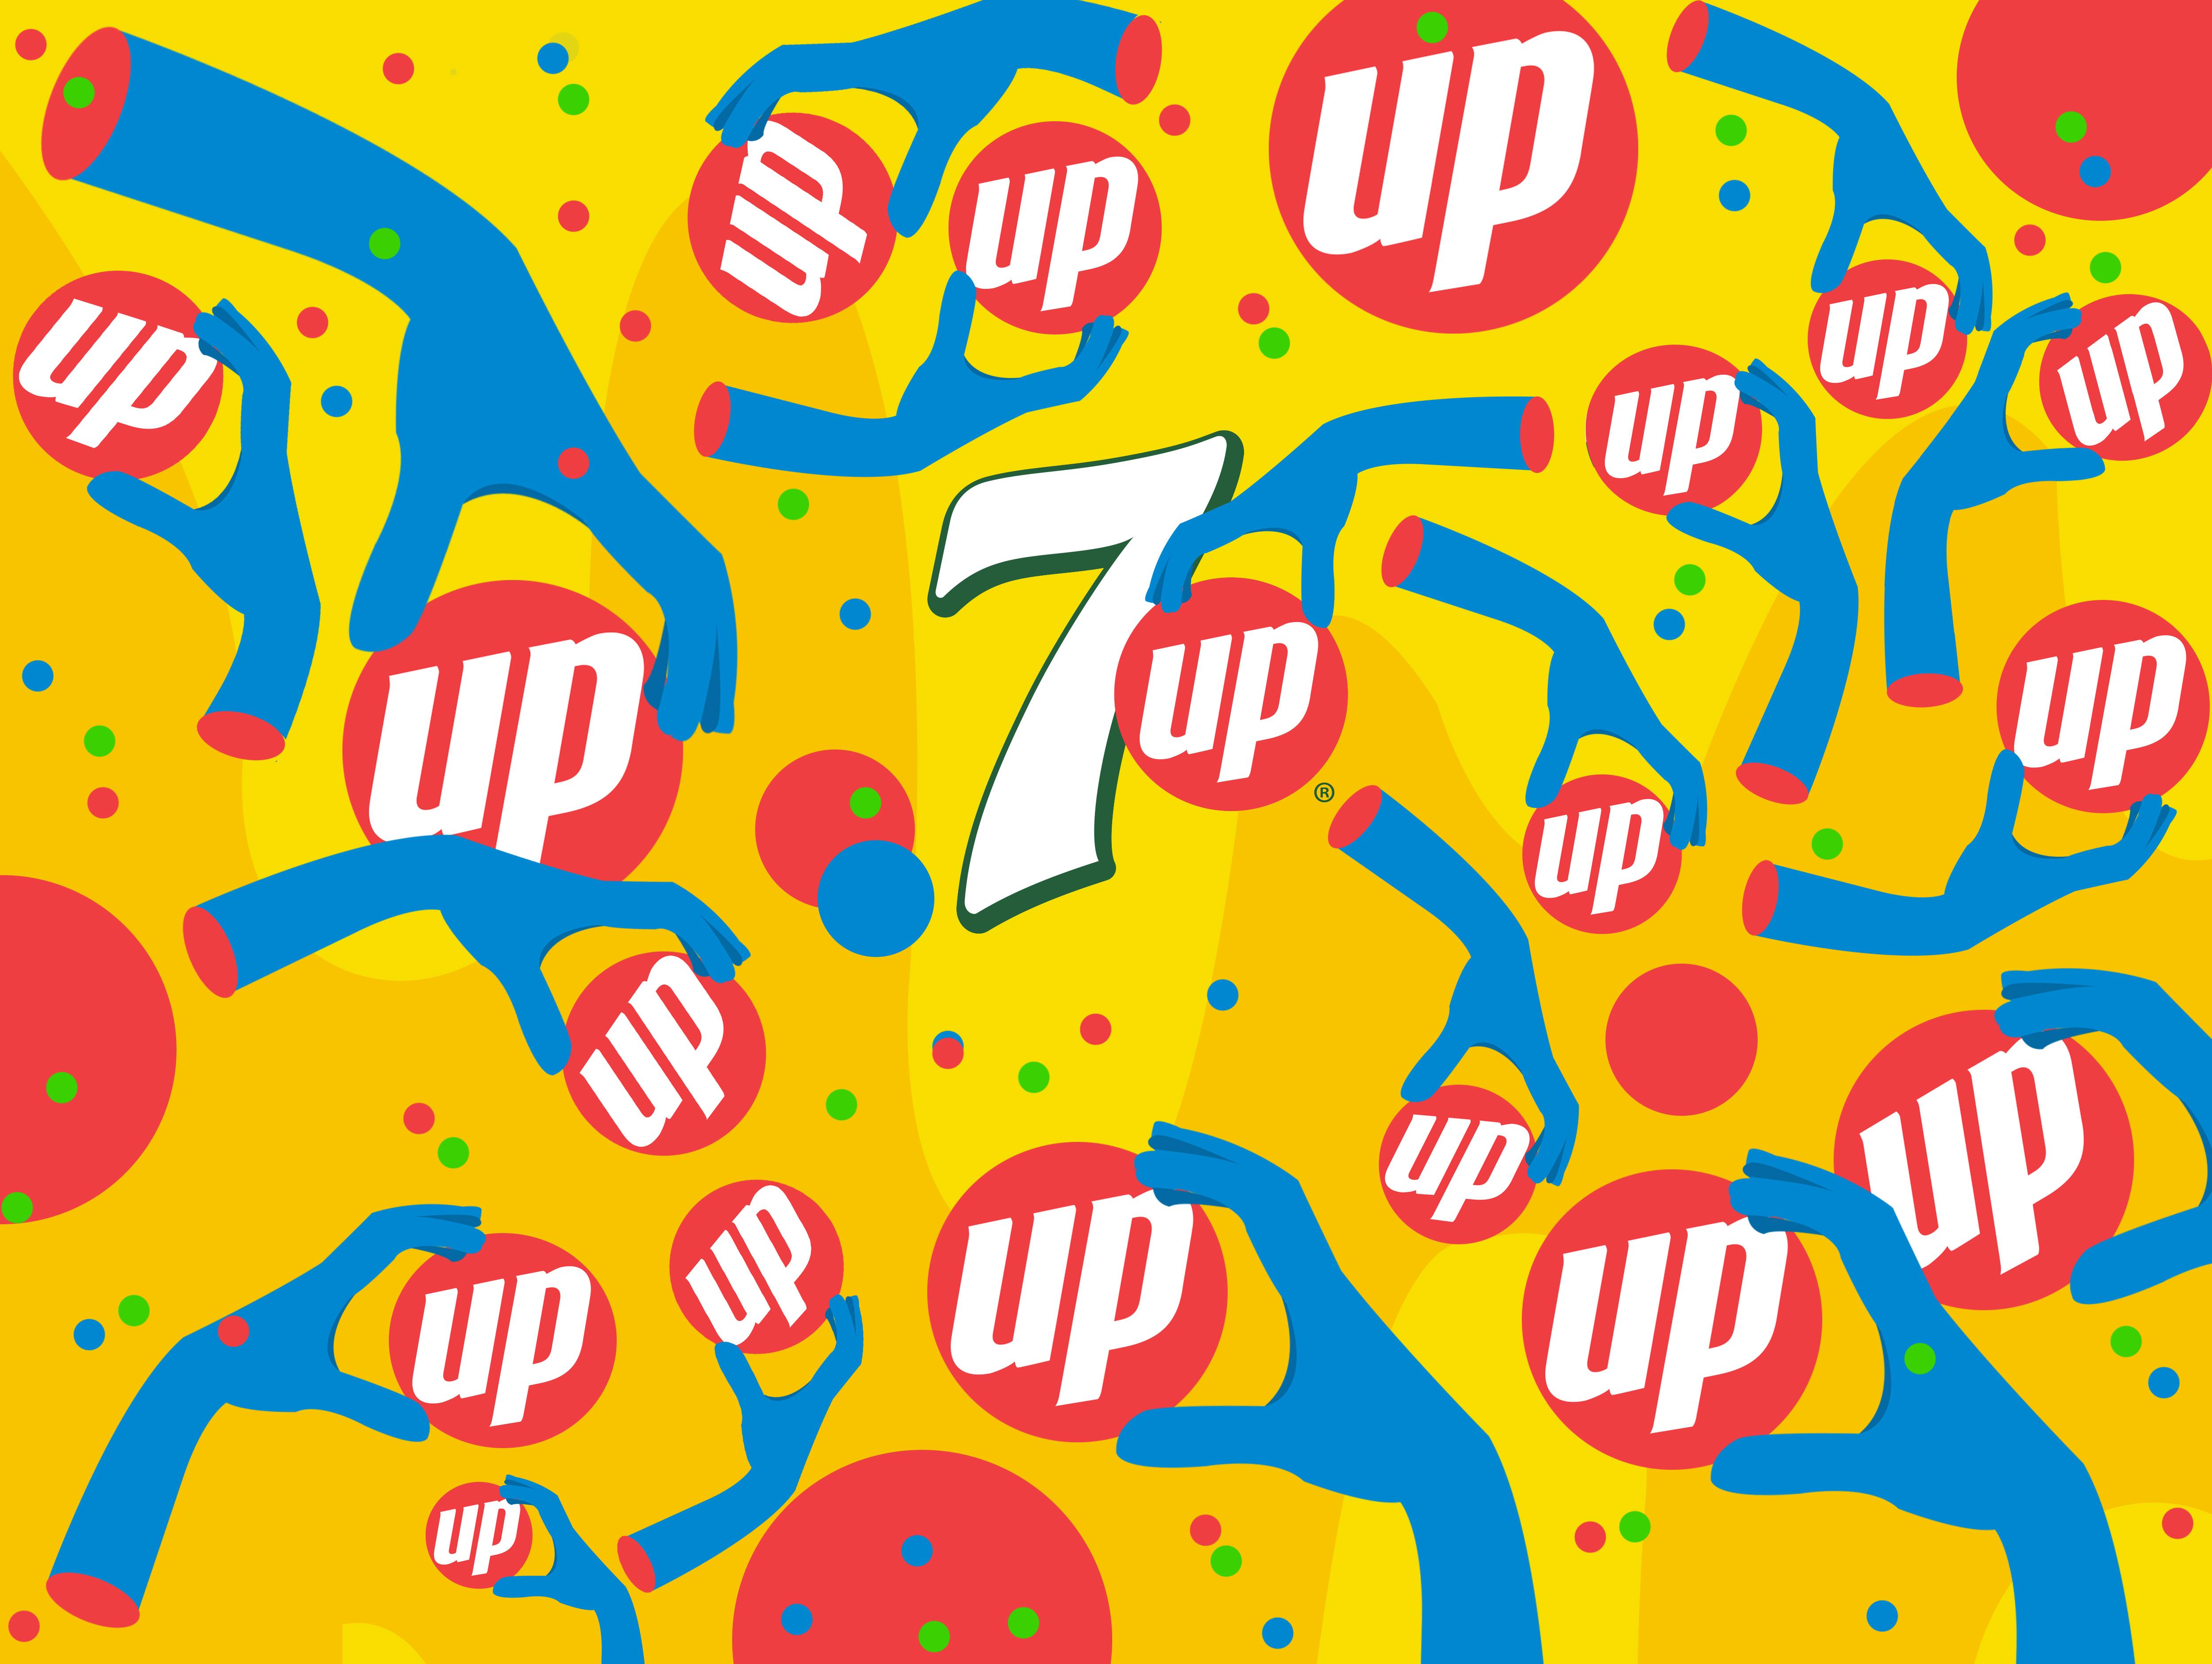 天天向上logo_我觉得人就应该天天向上,刚好就好像7喜的logo那样,upupup.